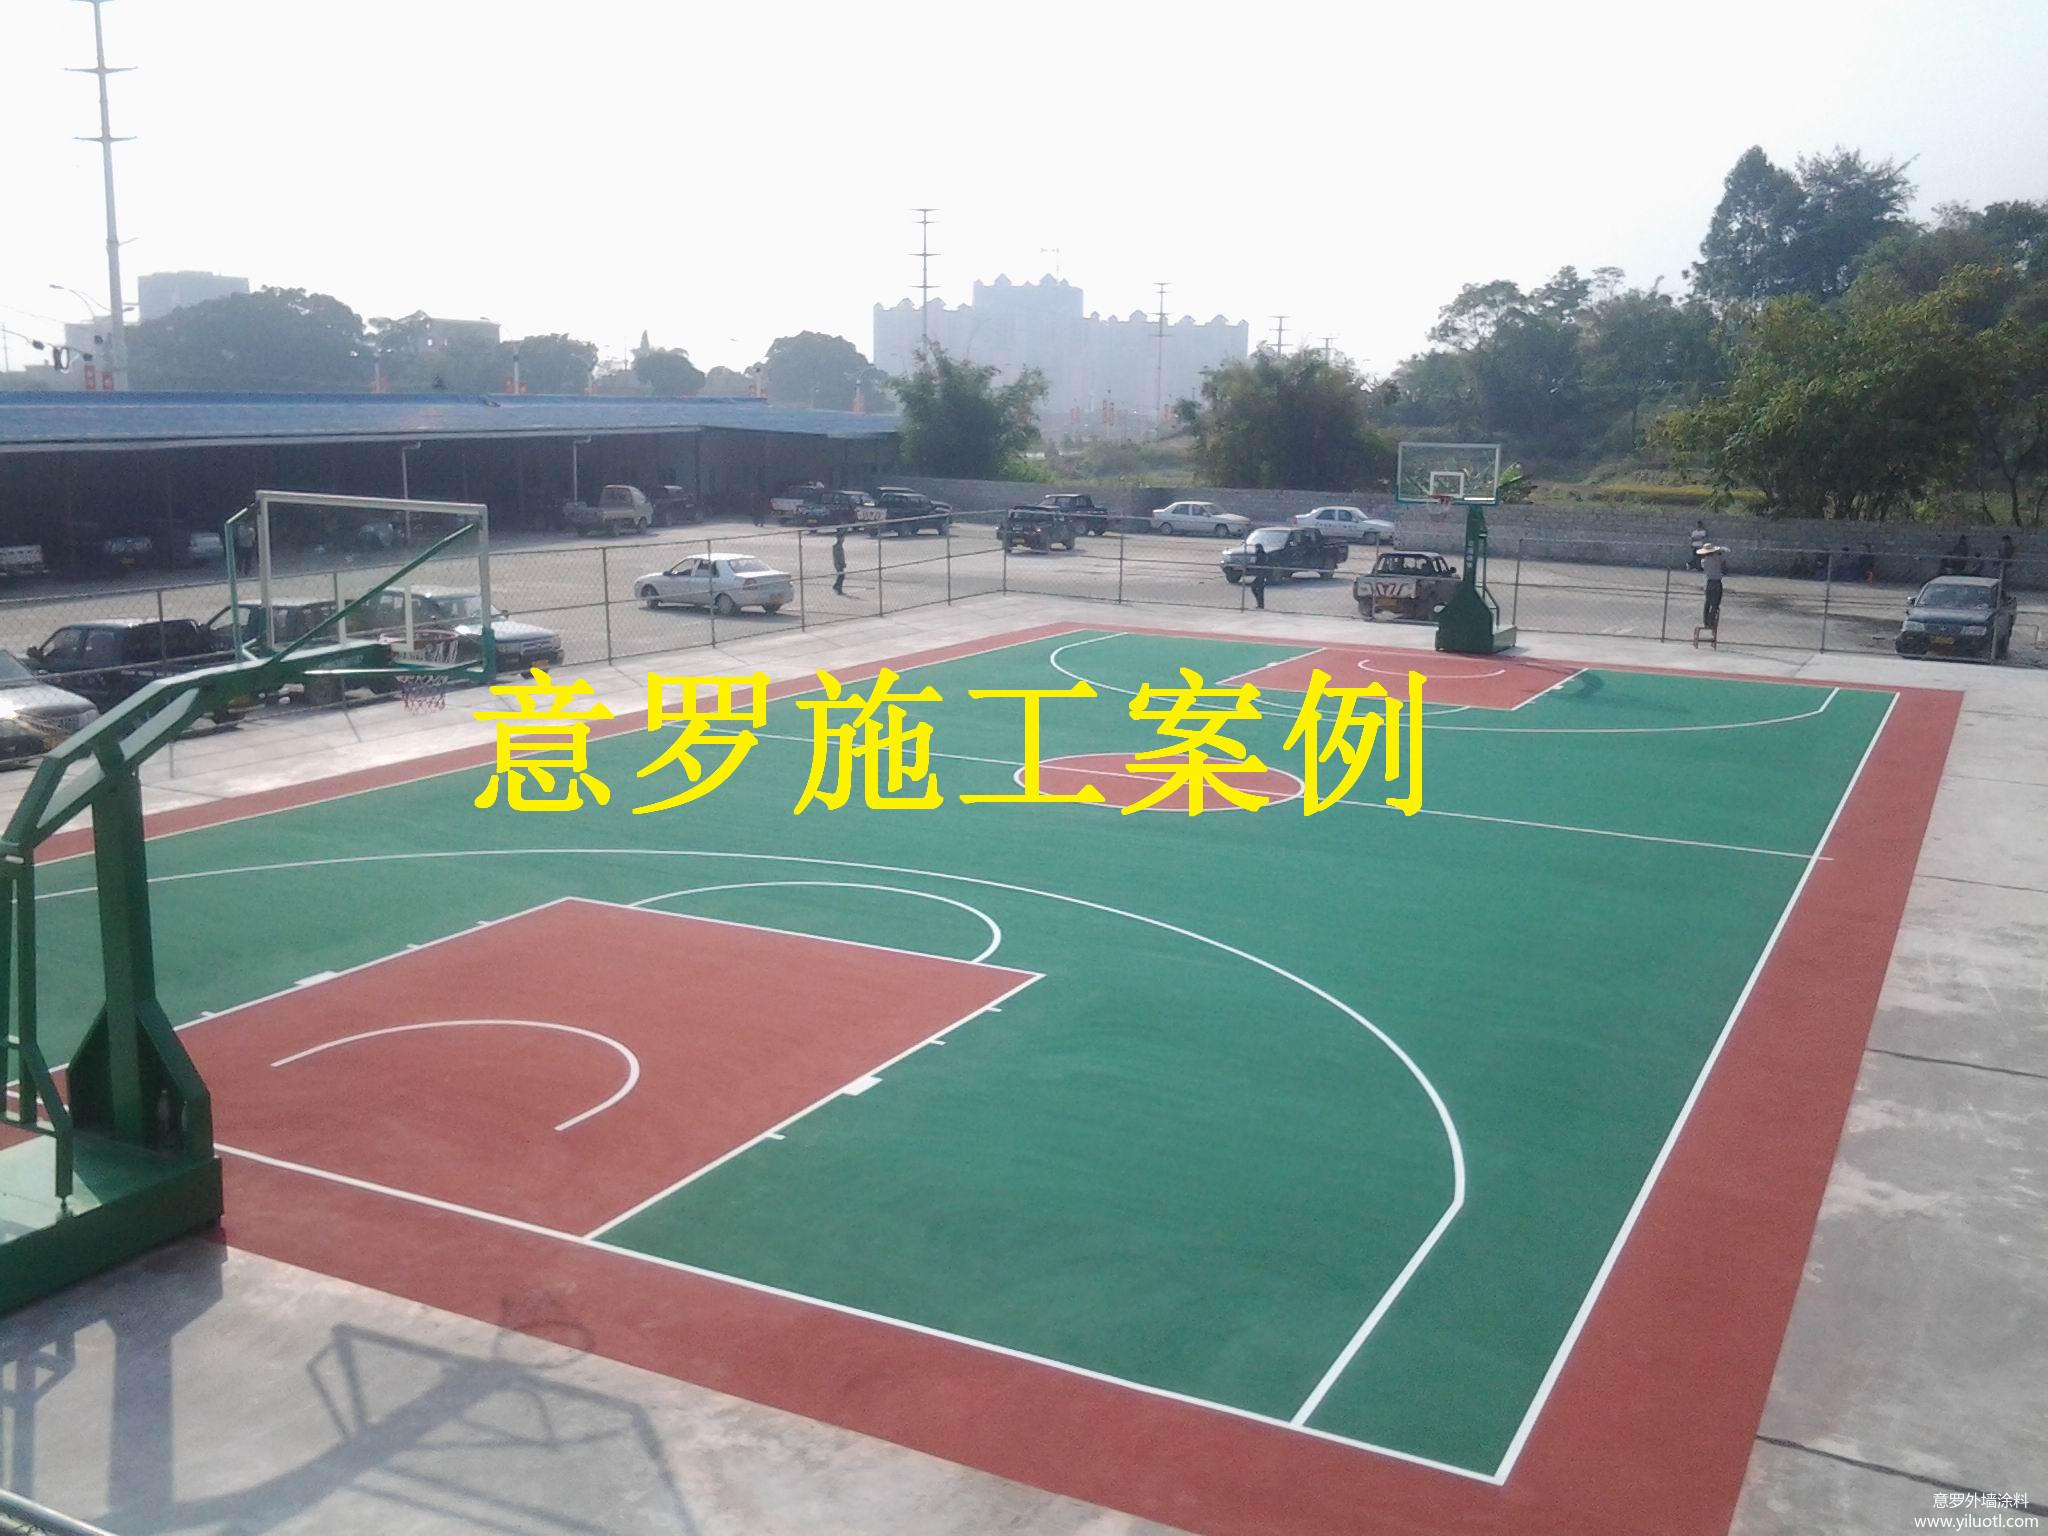 塑胶球场地坪材料